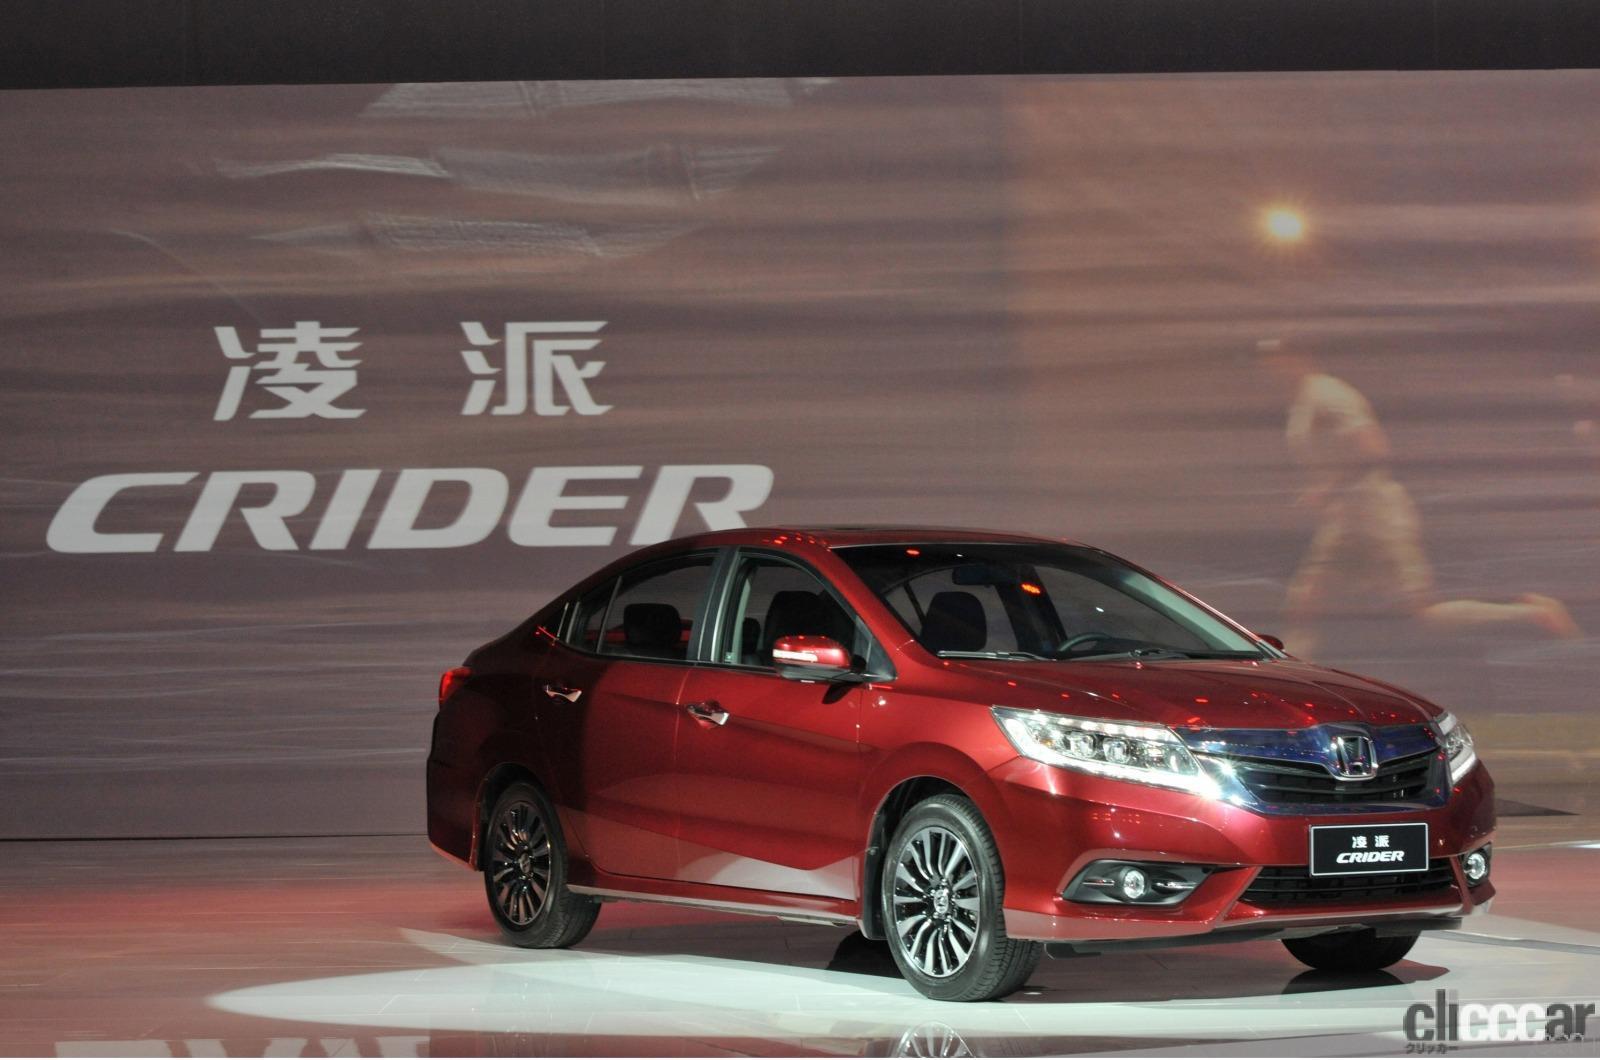 「ホンダがアコードやCR-V、クライダーなどを擁し、中国での累計販売台数1500万台を達成」の3枚目の画像